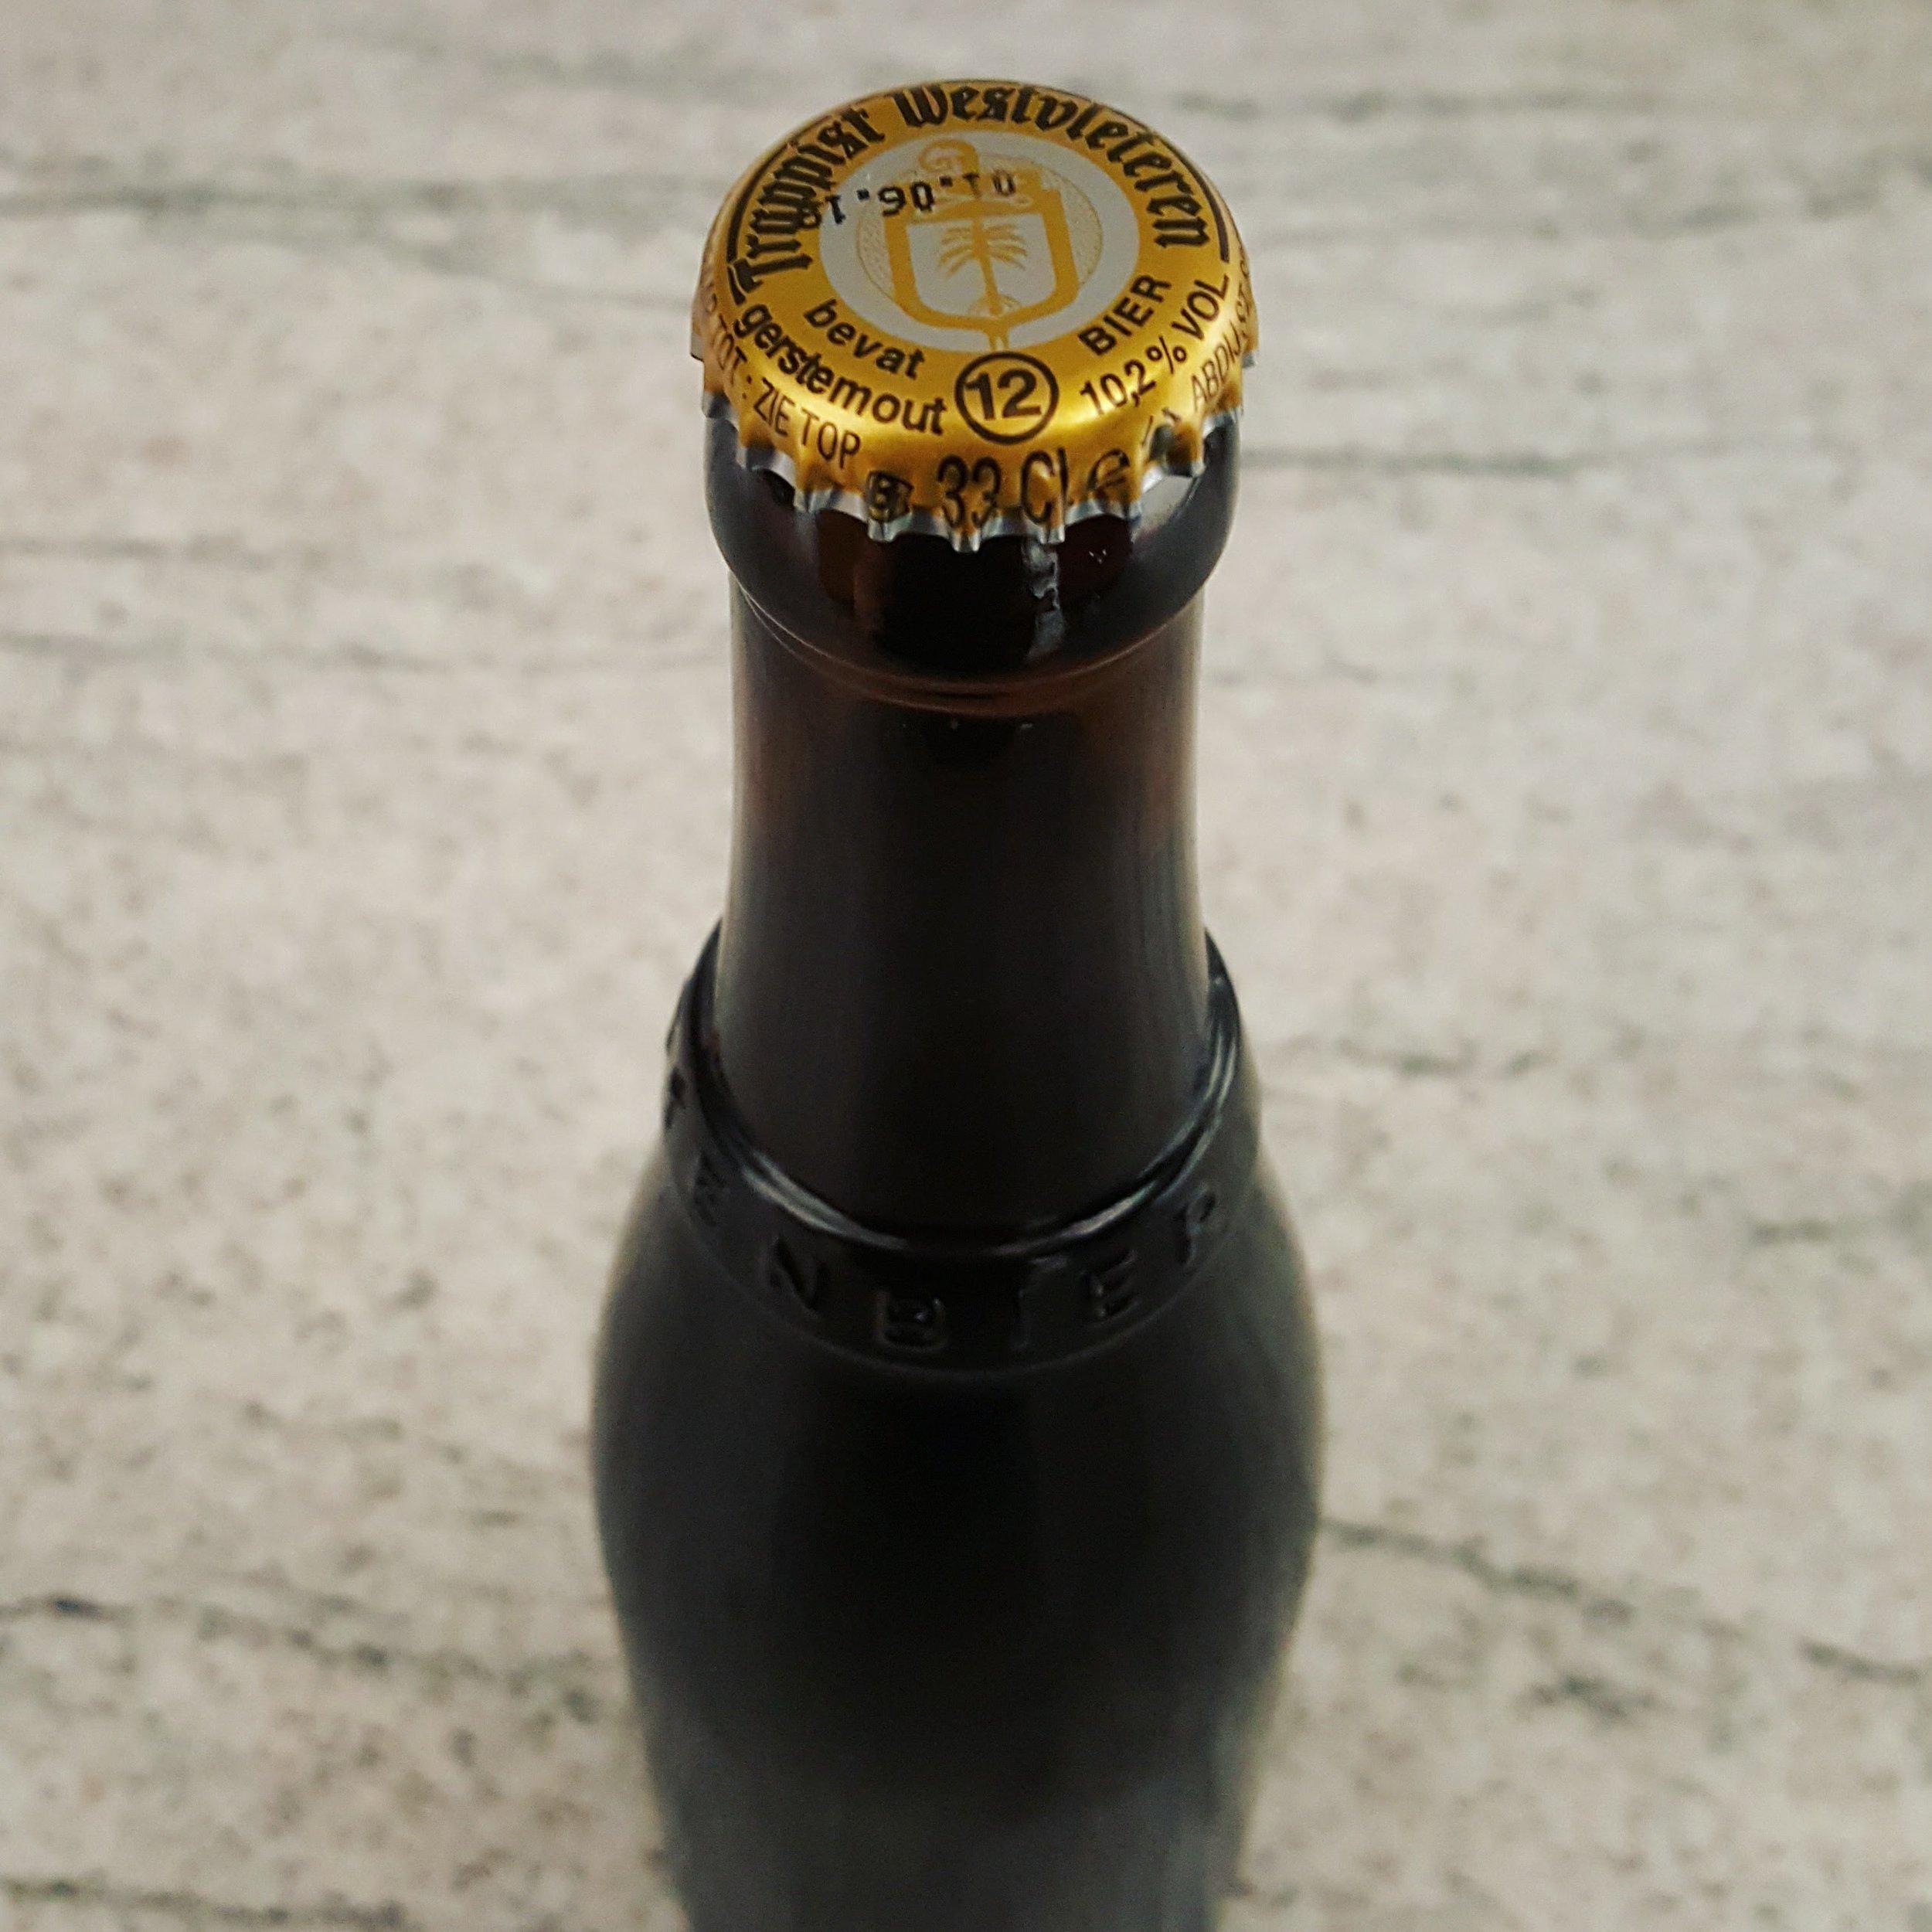 WESTVLETEREN XII - La famosa cerveza trapense usa adjuntos. No sólo esta, sino la mayoría de las cervezas